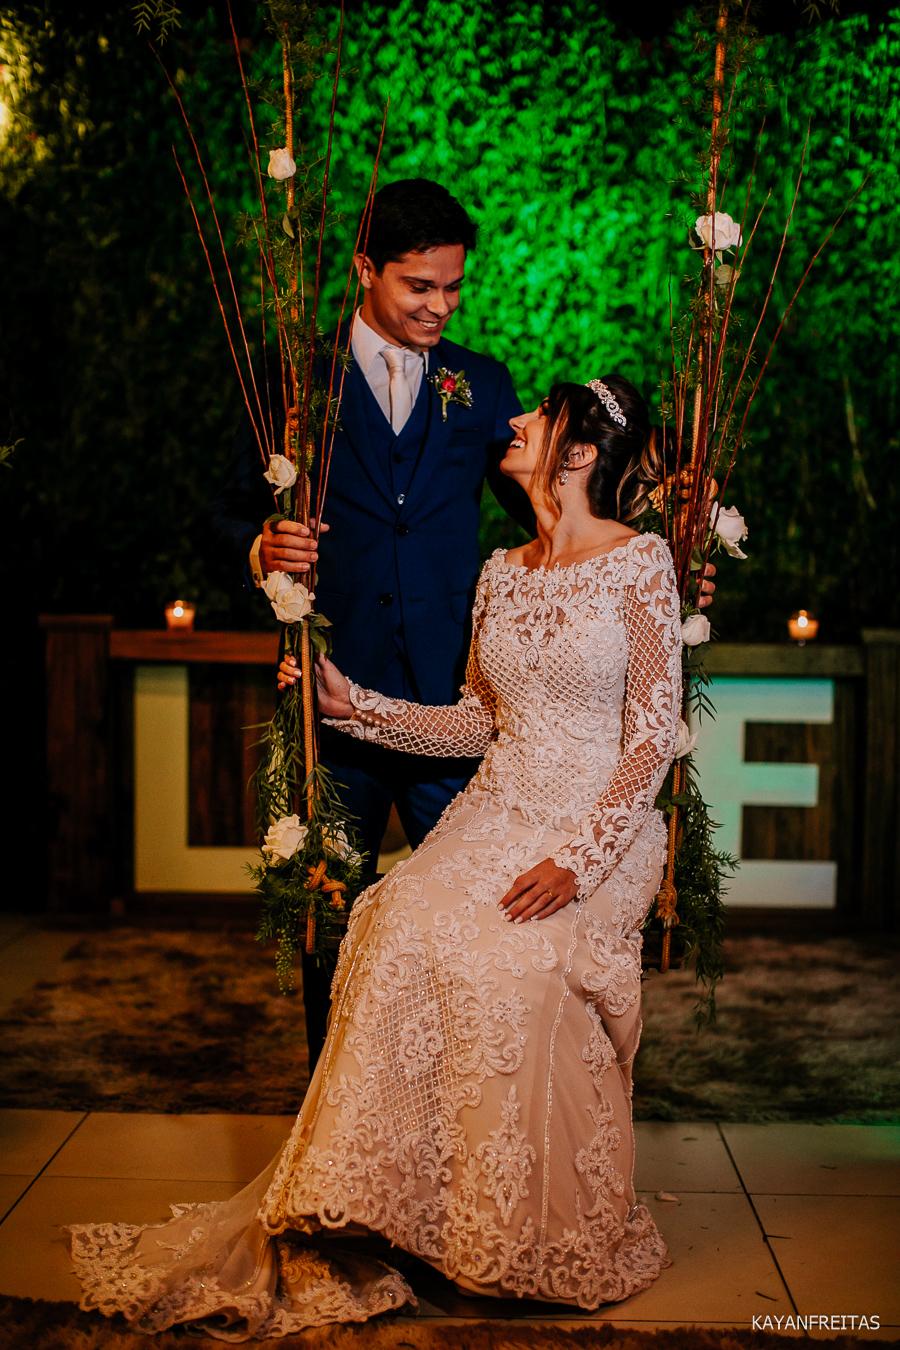 fotos-casamento-floripa-bed-0106 Casamento em São José - Izabelle e Douglas